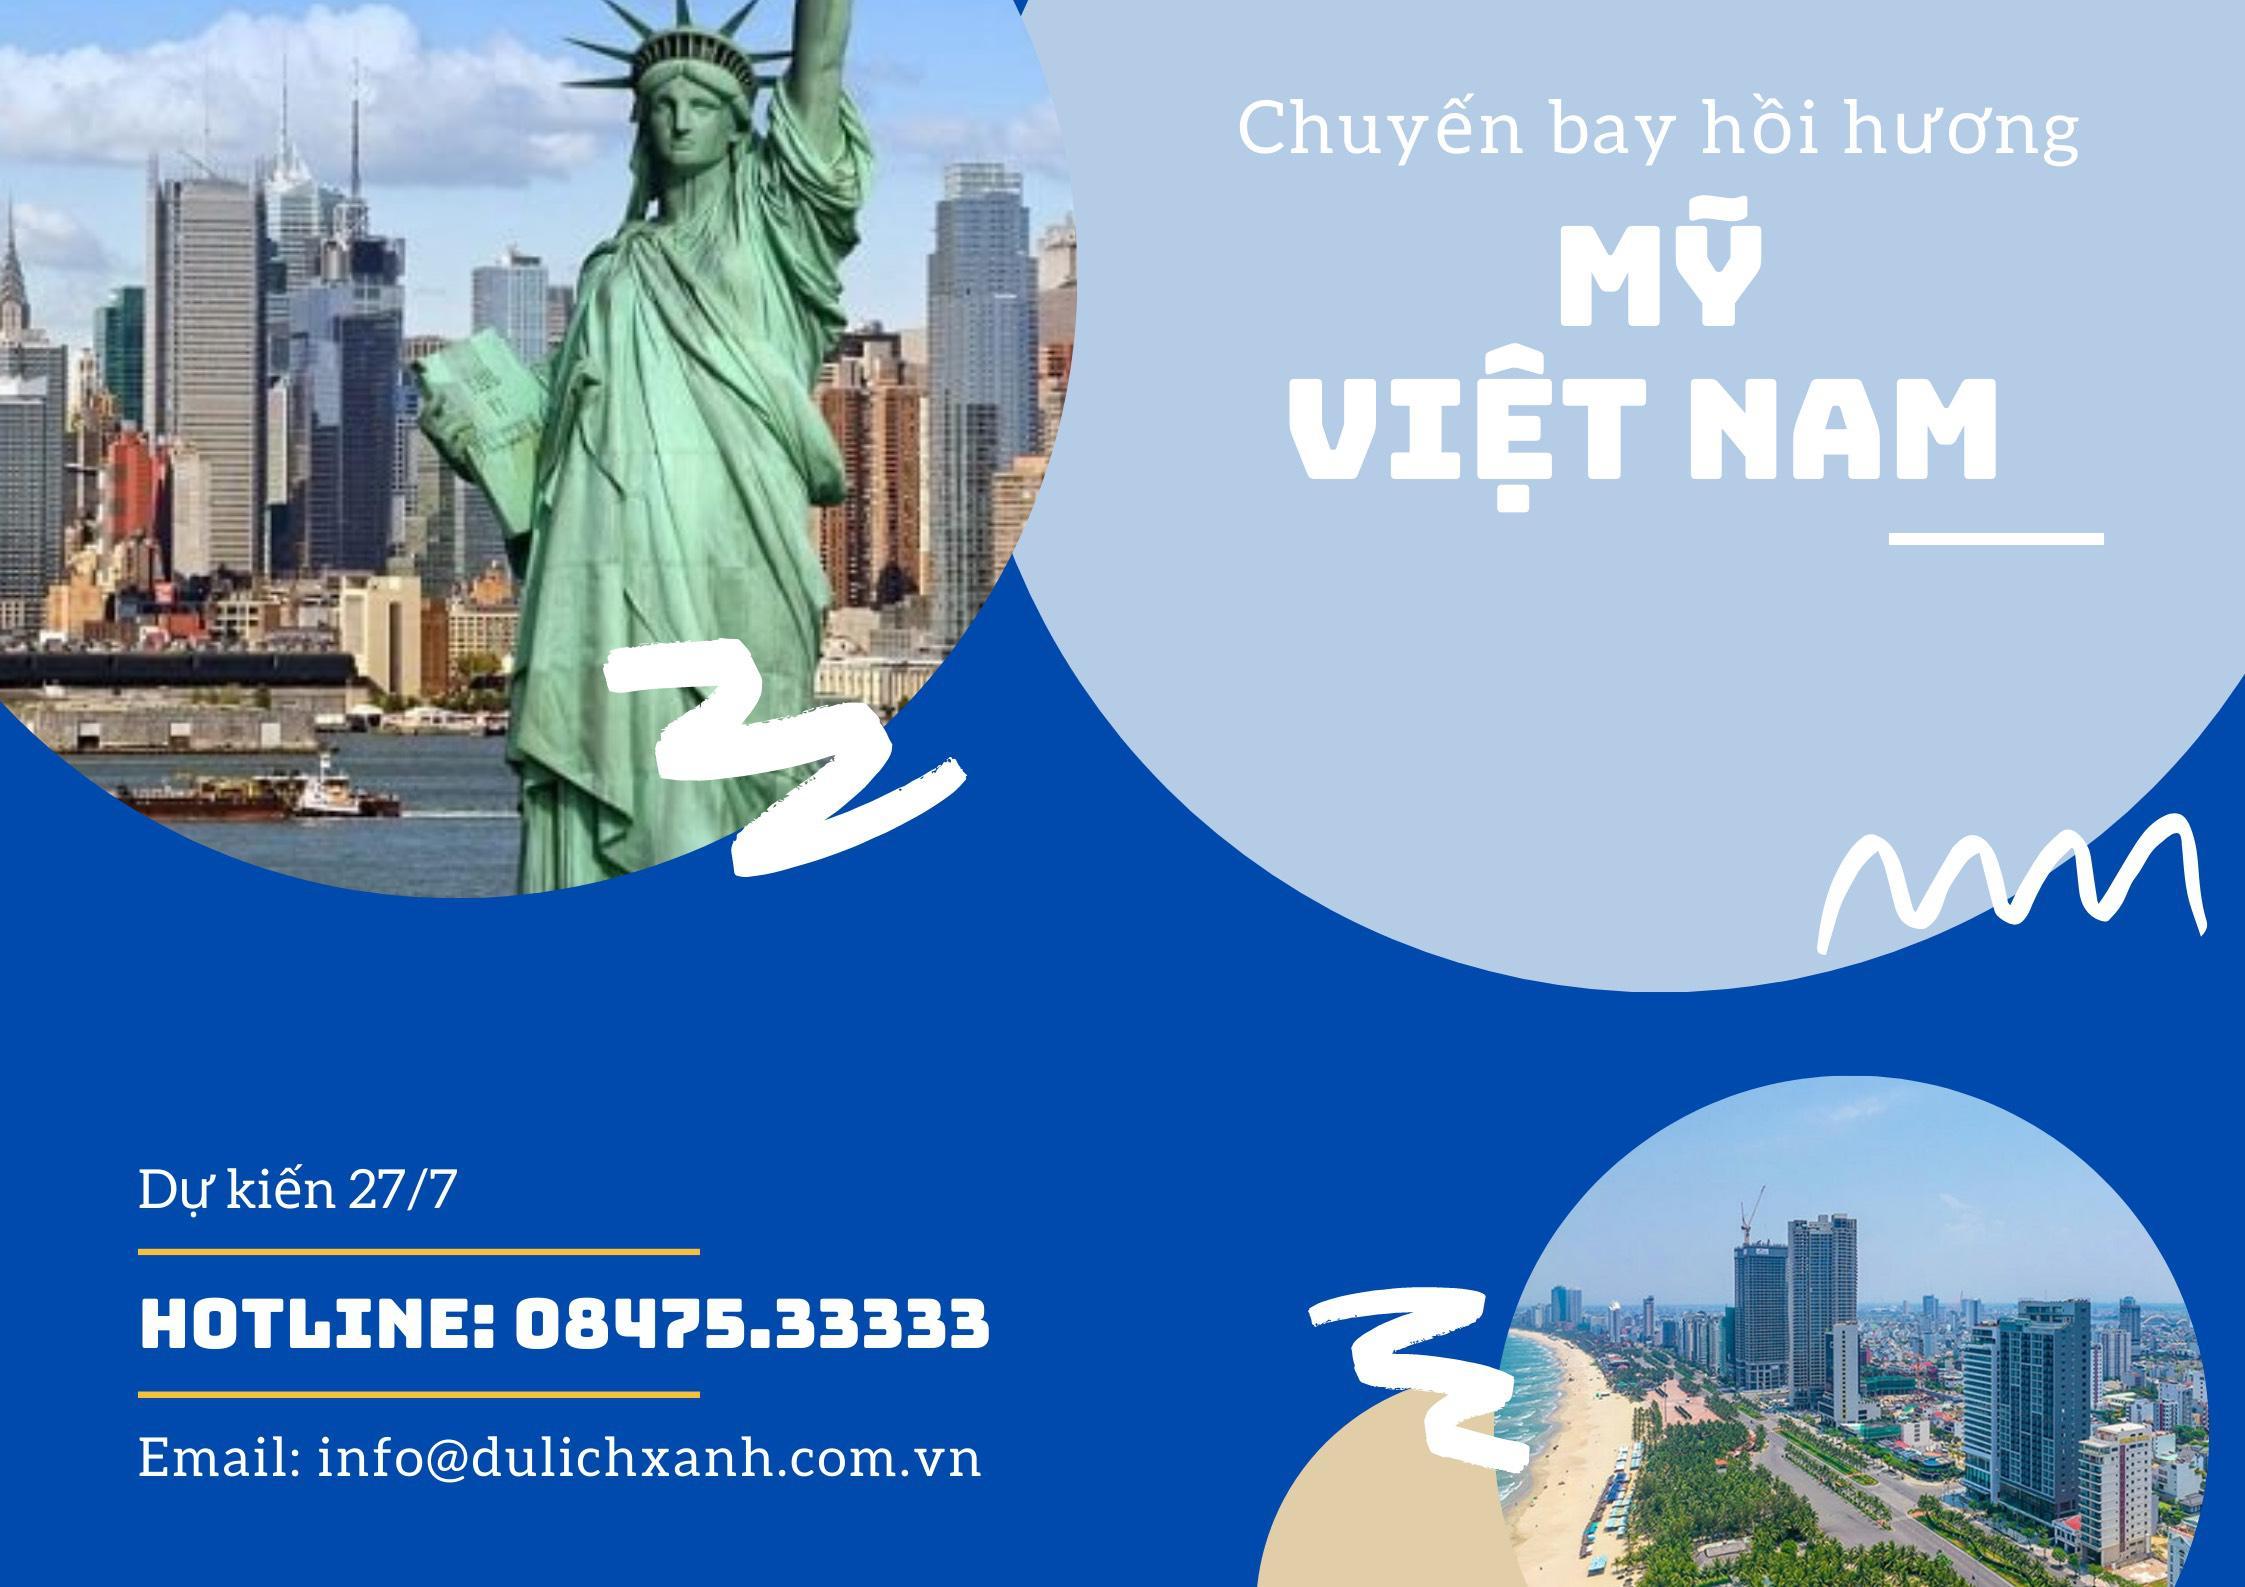 Chuyến bay thương mại từ Mỹ về Việt Nam tháng 7/2021